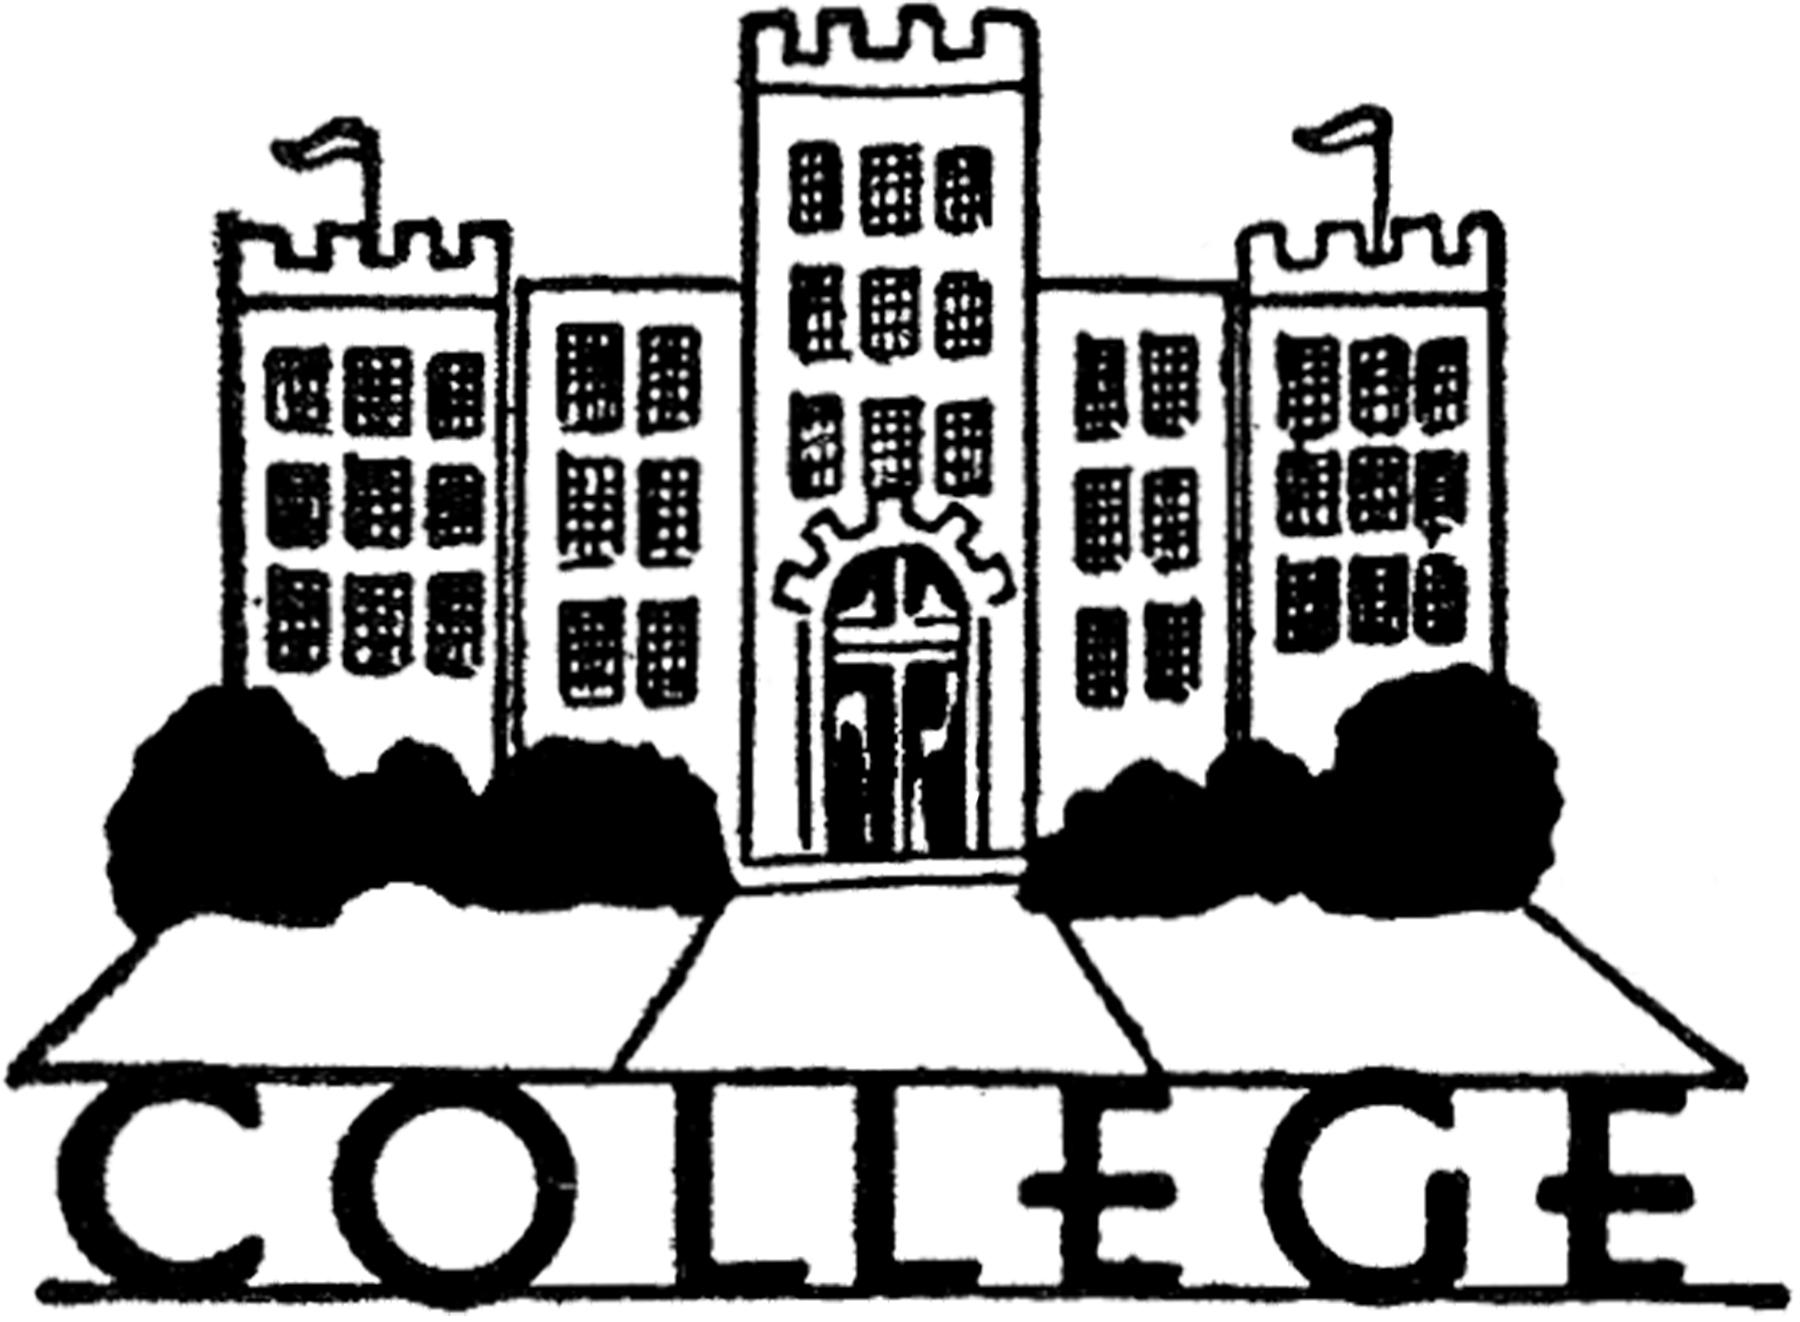 College campus clip art.